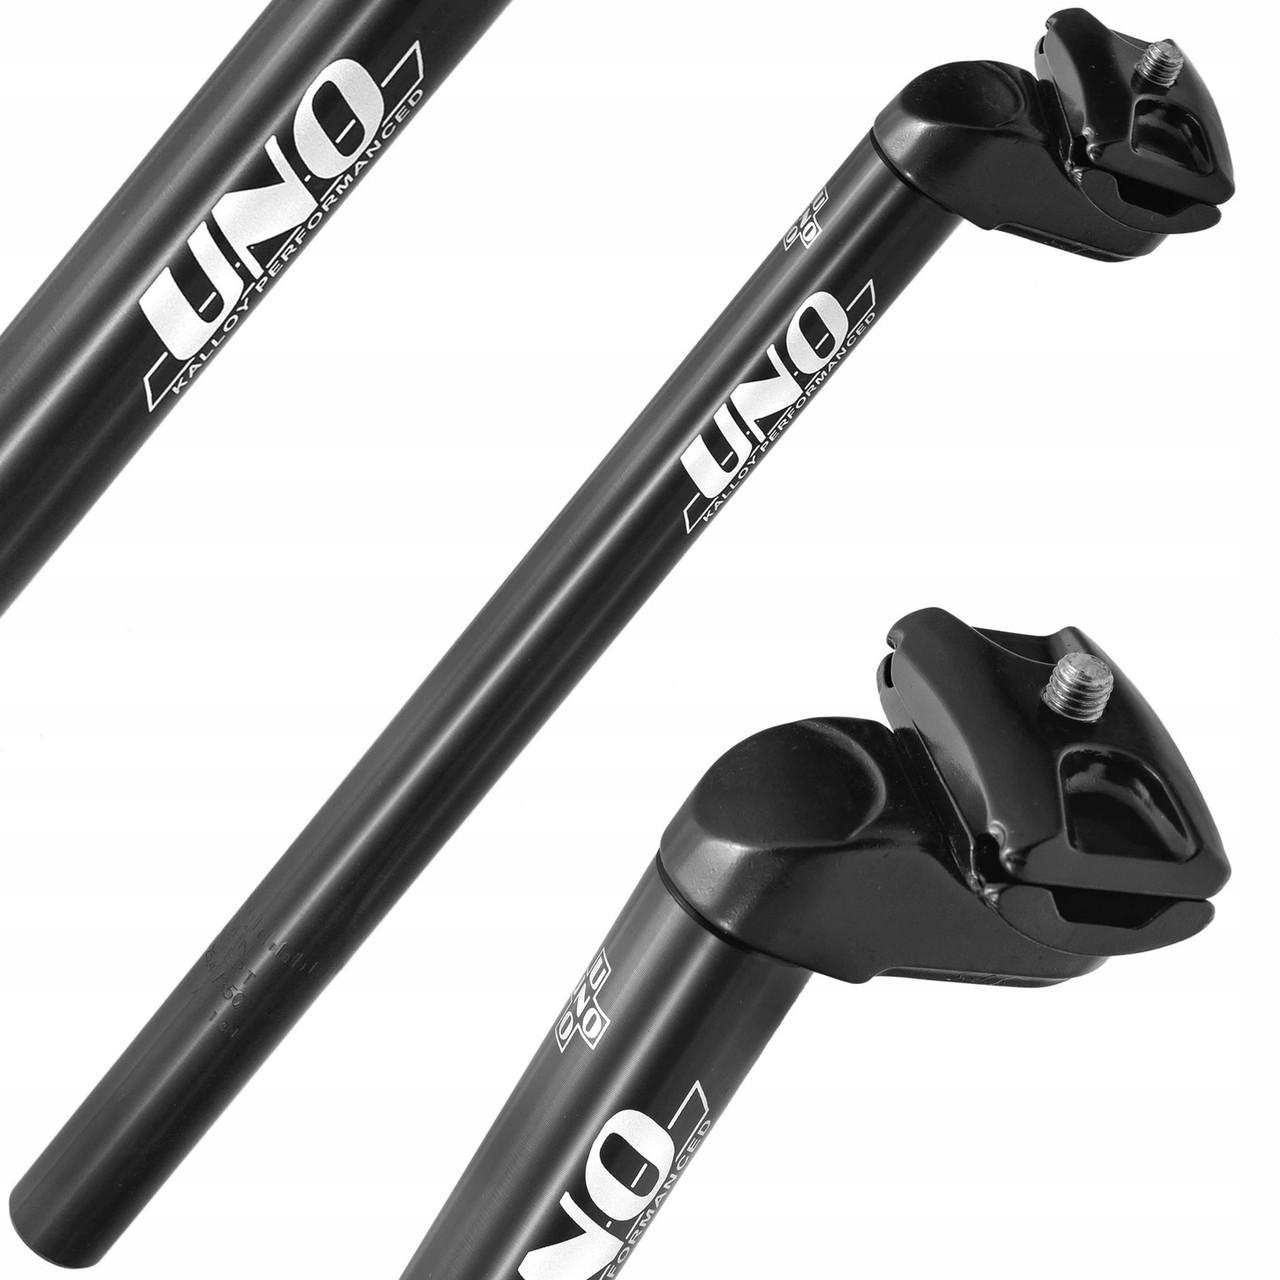 Штырь велосипедный SP-602 UNO диаметр 30.9 мм длина 400мм